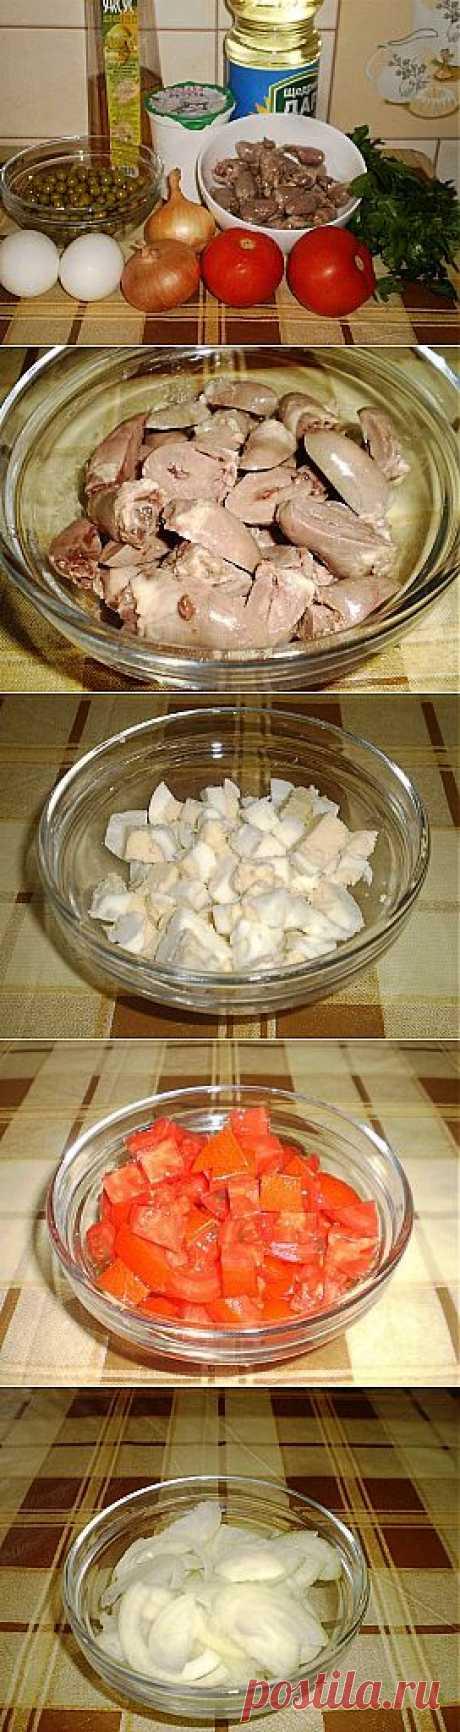 Салат из куриных сердечек — лёгкий и вкусный деликатес   Любимые рецепты